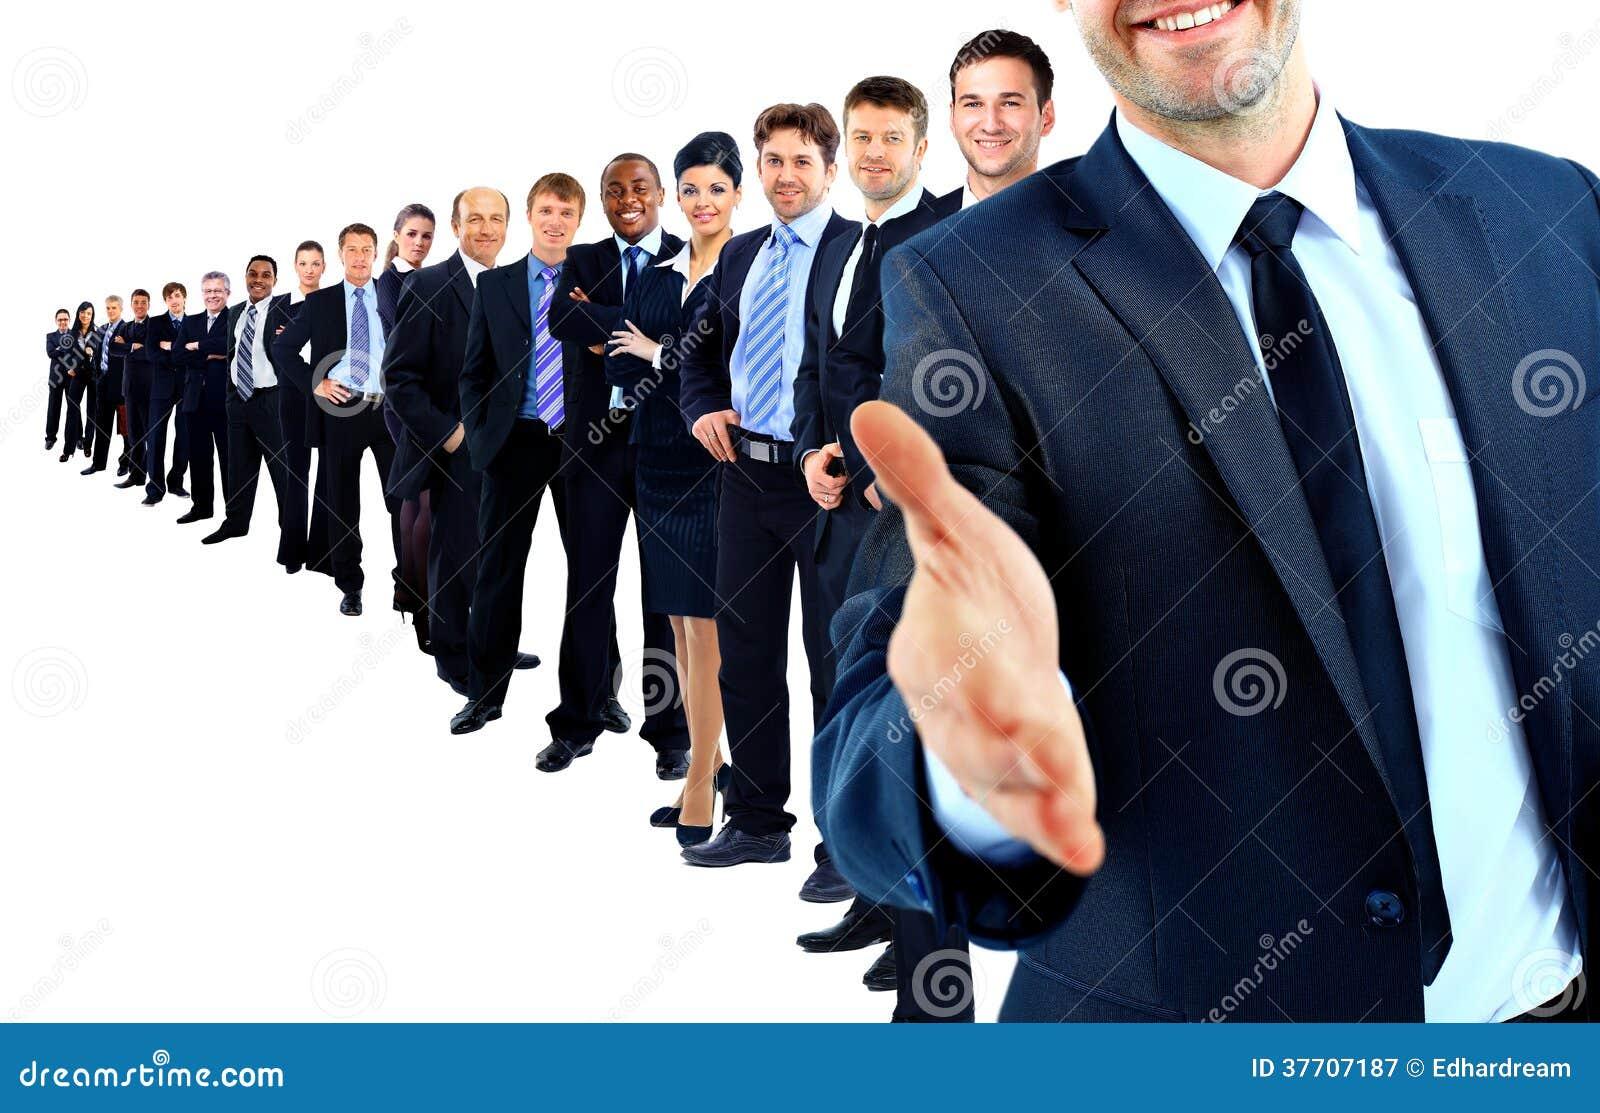 Grupa biznesowa z rzędu. lider z otwartą ręką